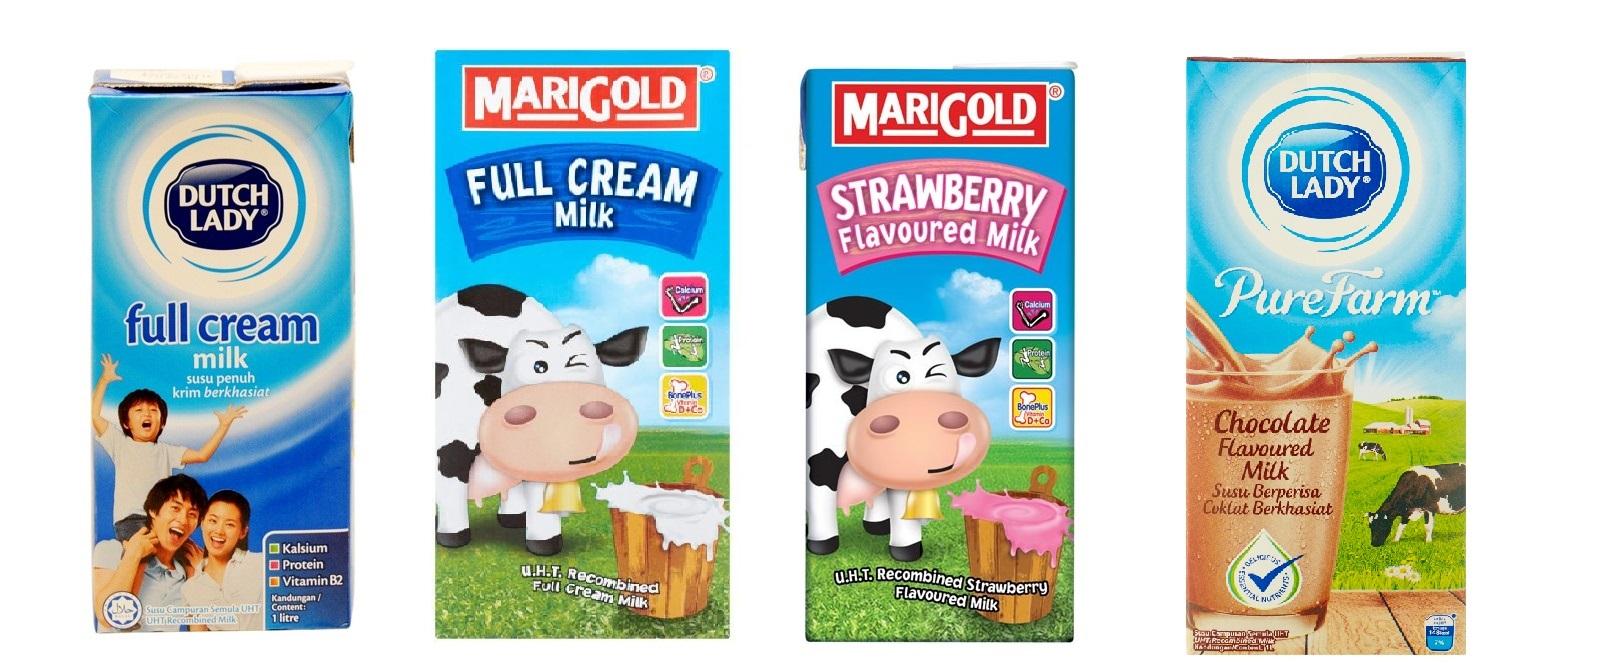 susu uht campur semula recombined milk 2 412